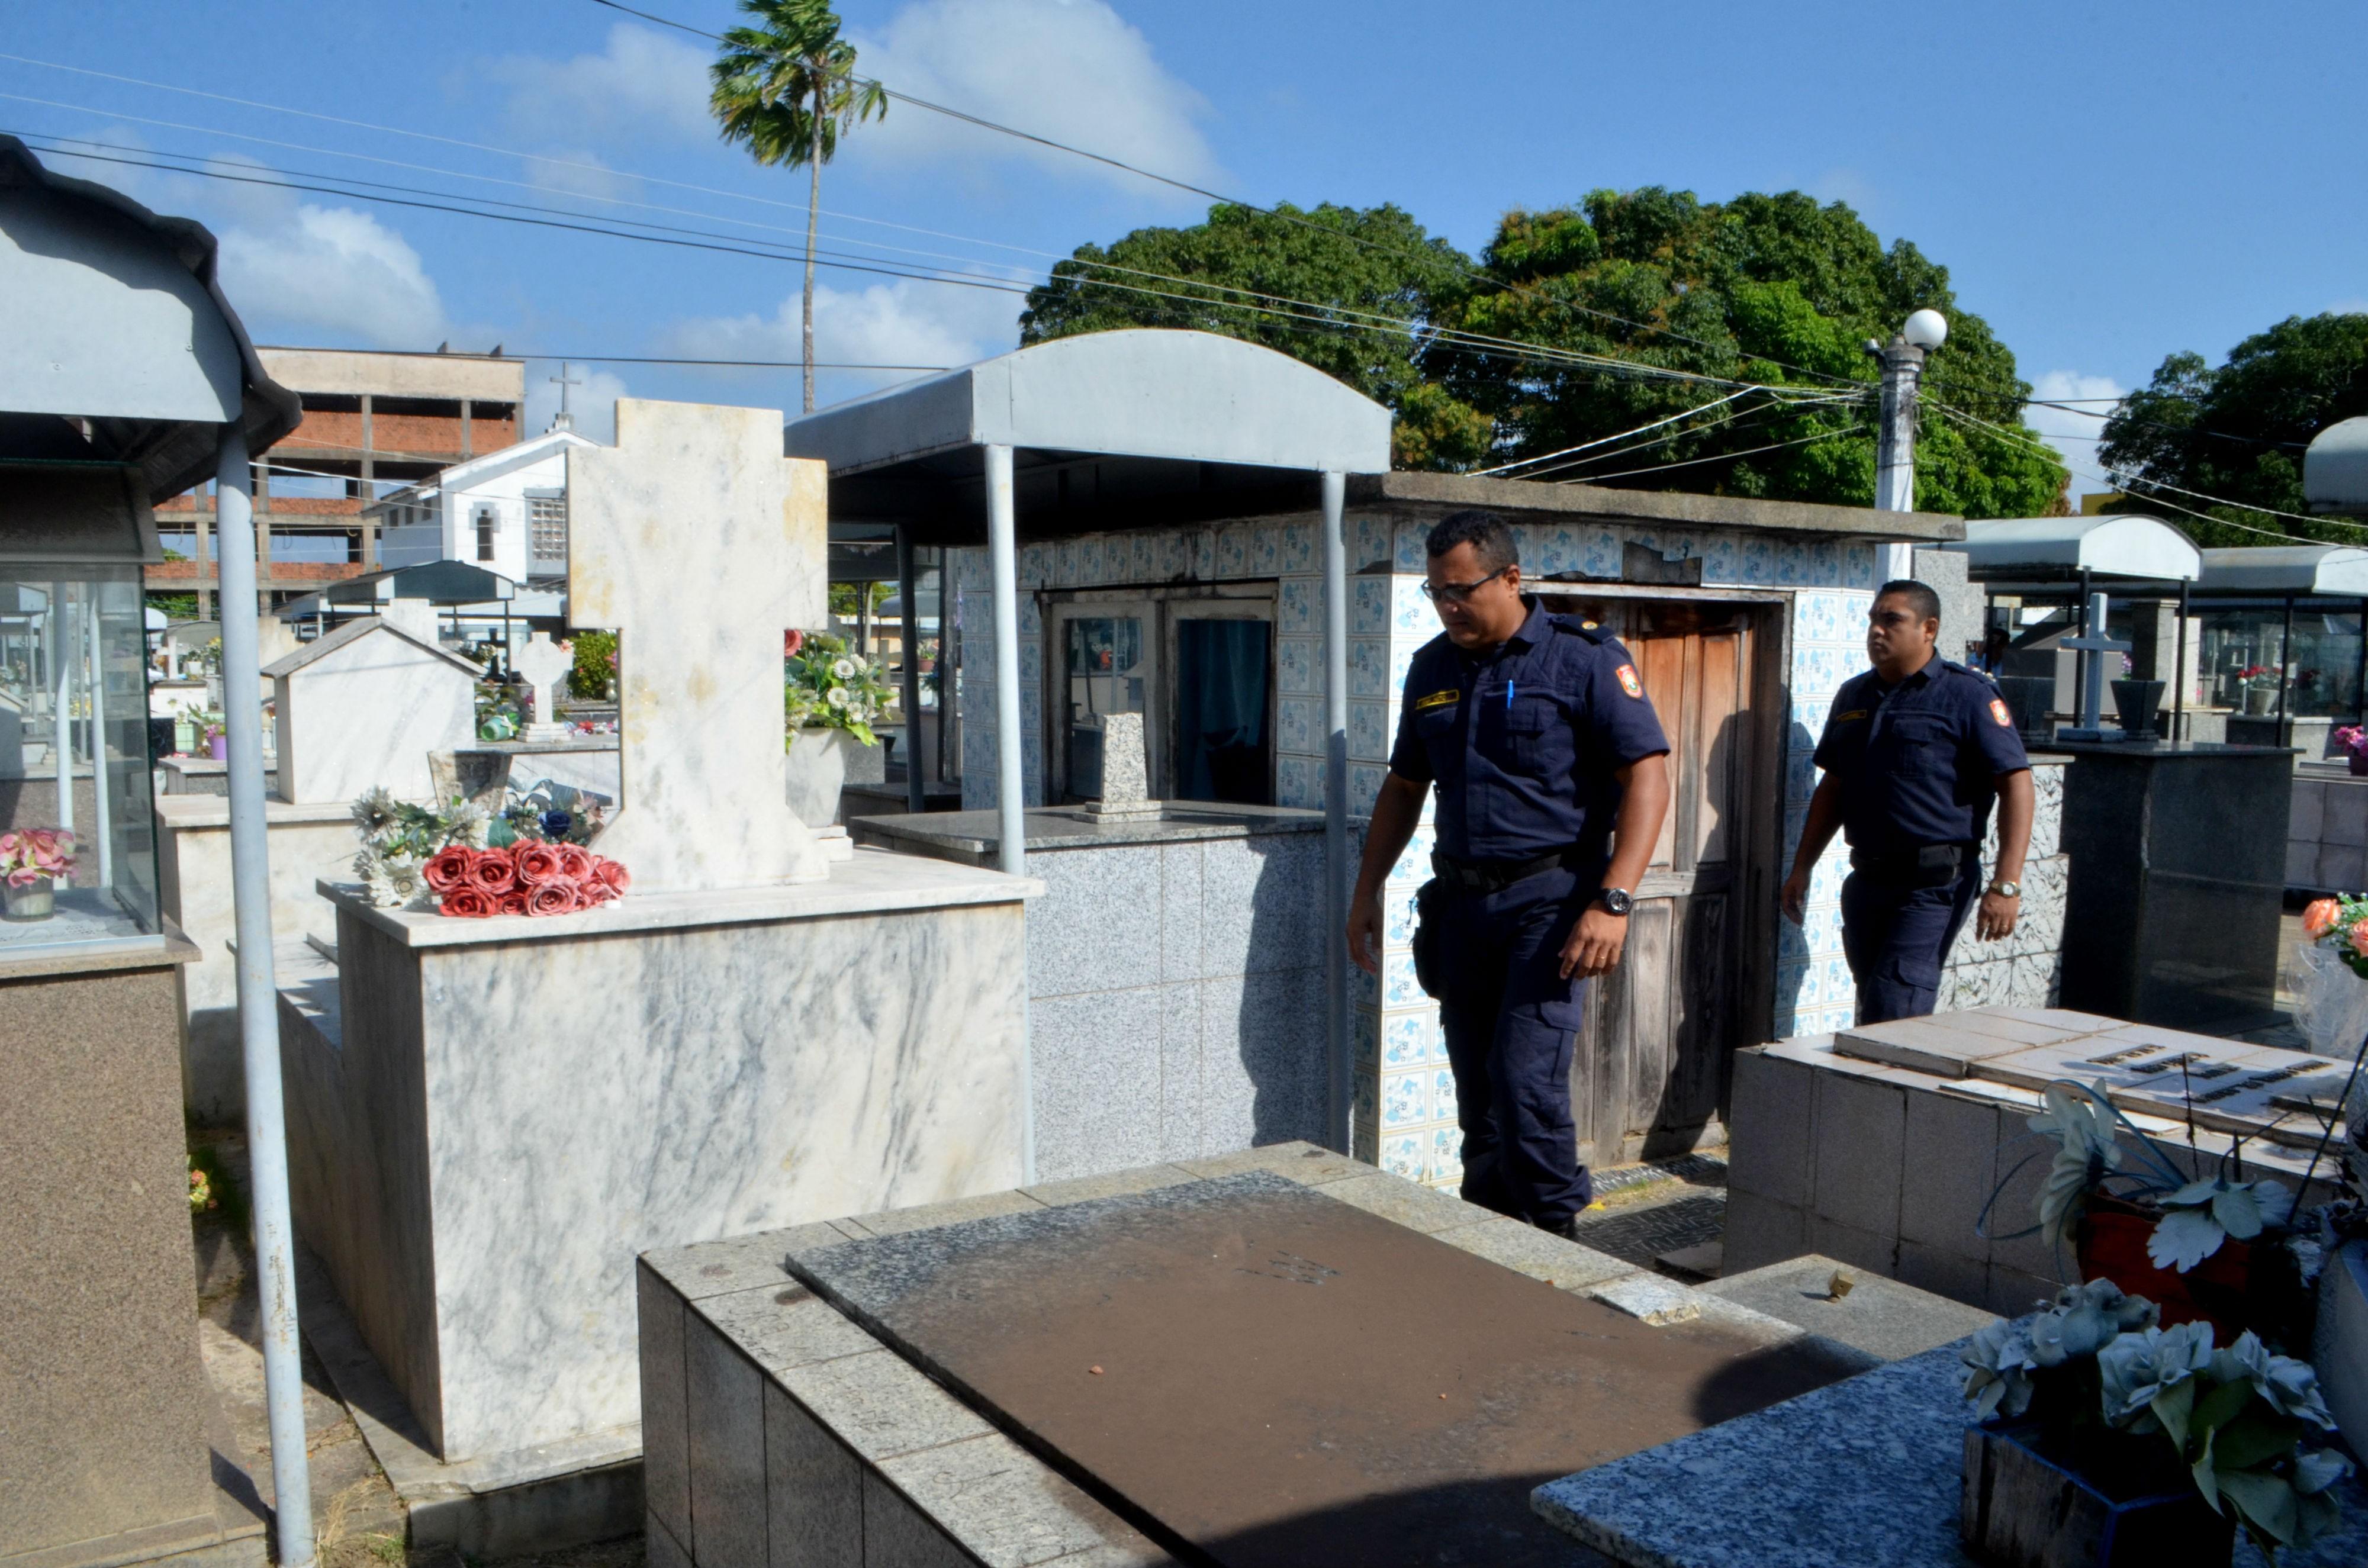 Após furtos e vandalismo, cemitérios de Macapá serão vigiados por guardas e câmeras  - Notícias - Plantão Diário